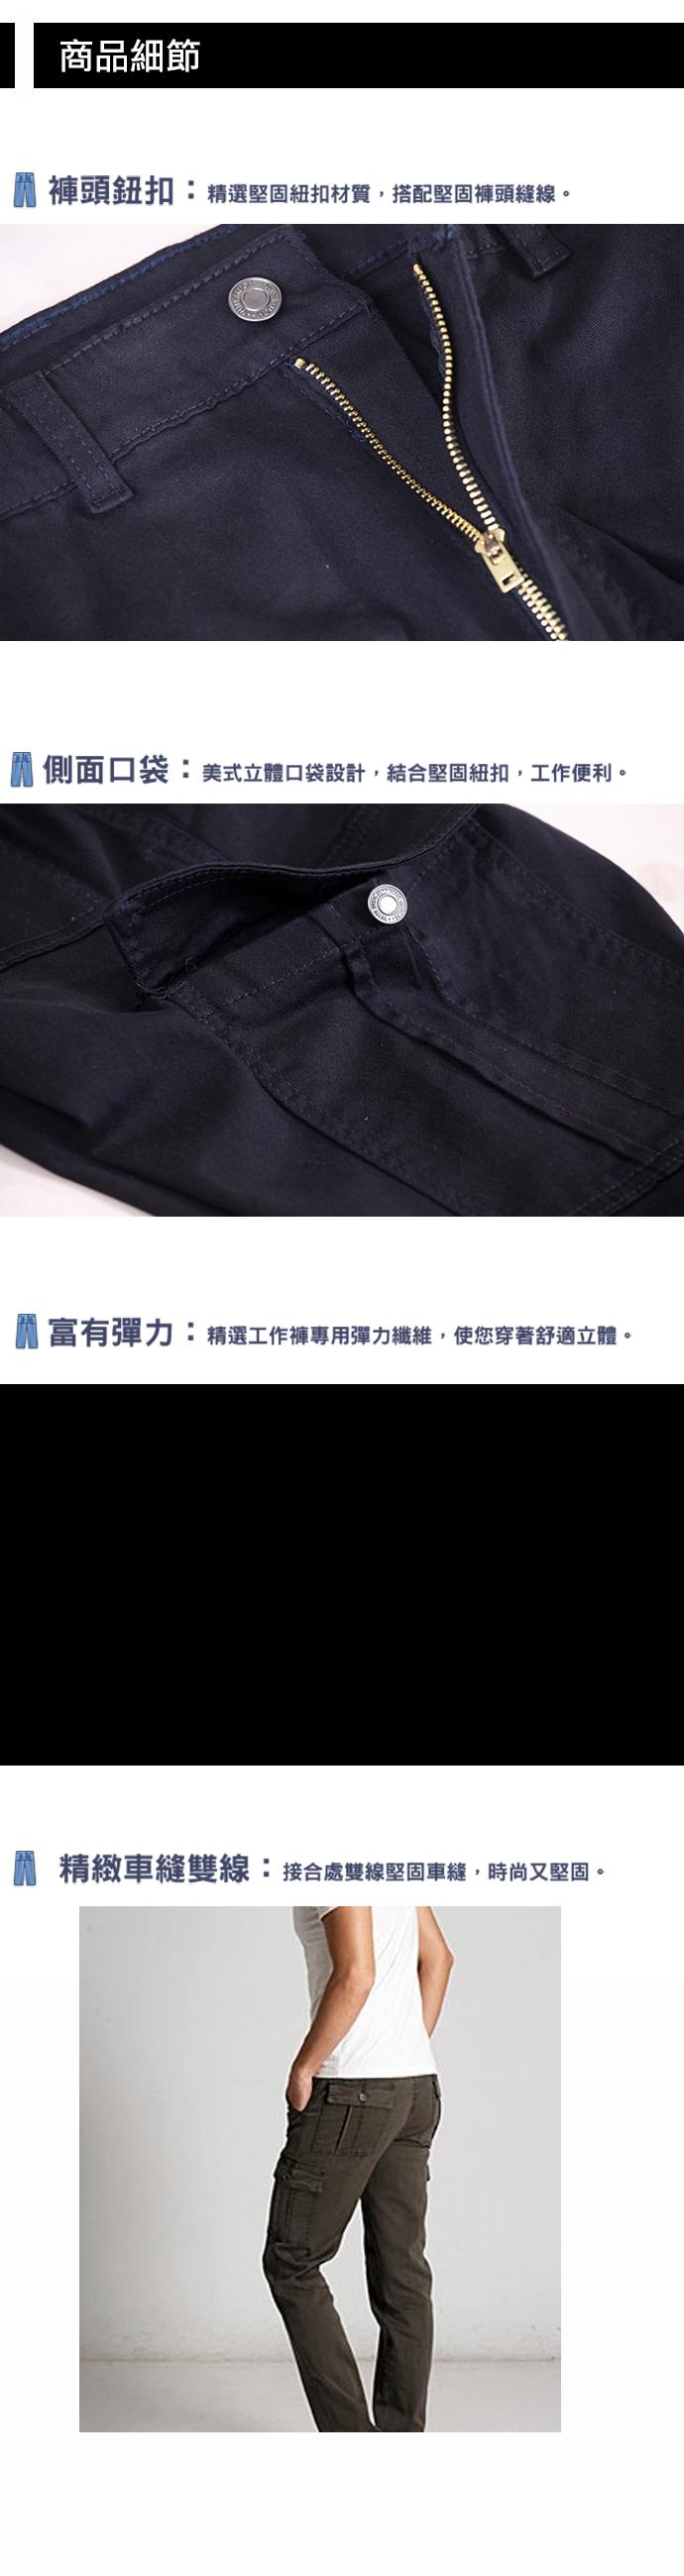 CS衣舖【兩件$900.免運.附發票】42-50腰大尺碼 工作褲 伸縮素面 側口袋 休閒長褲 不易破 2色 7050